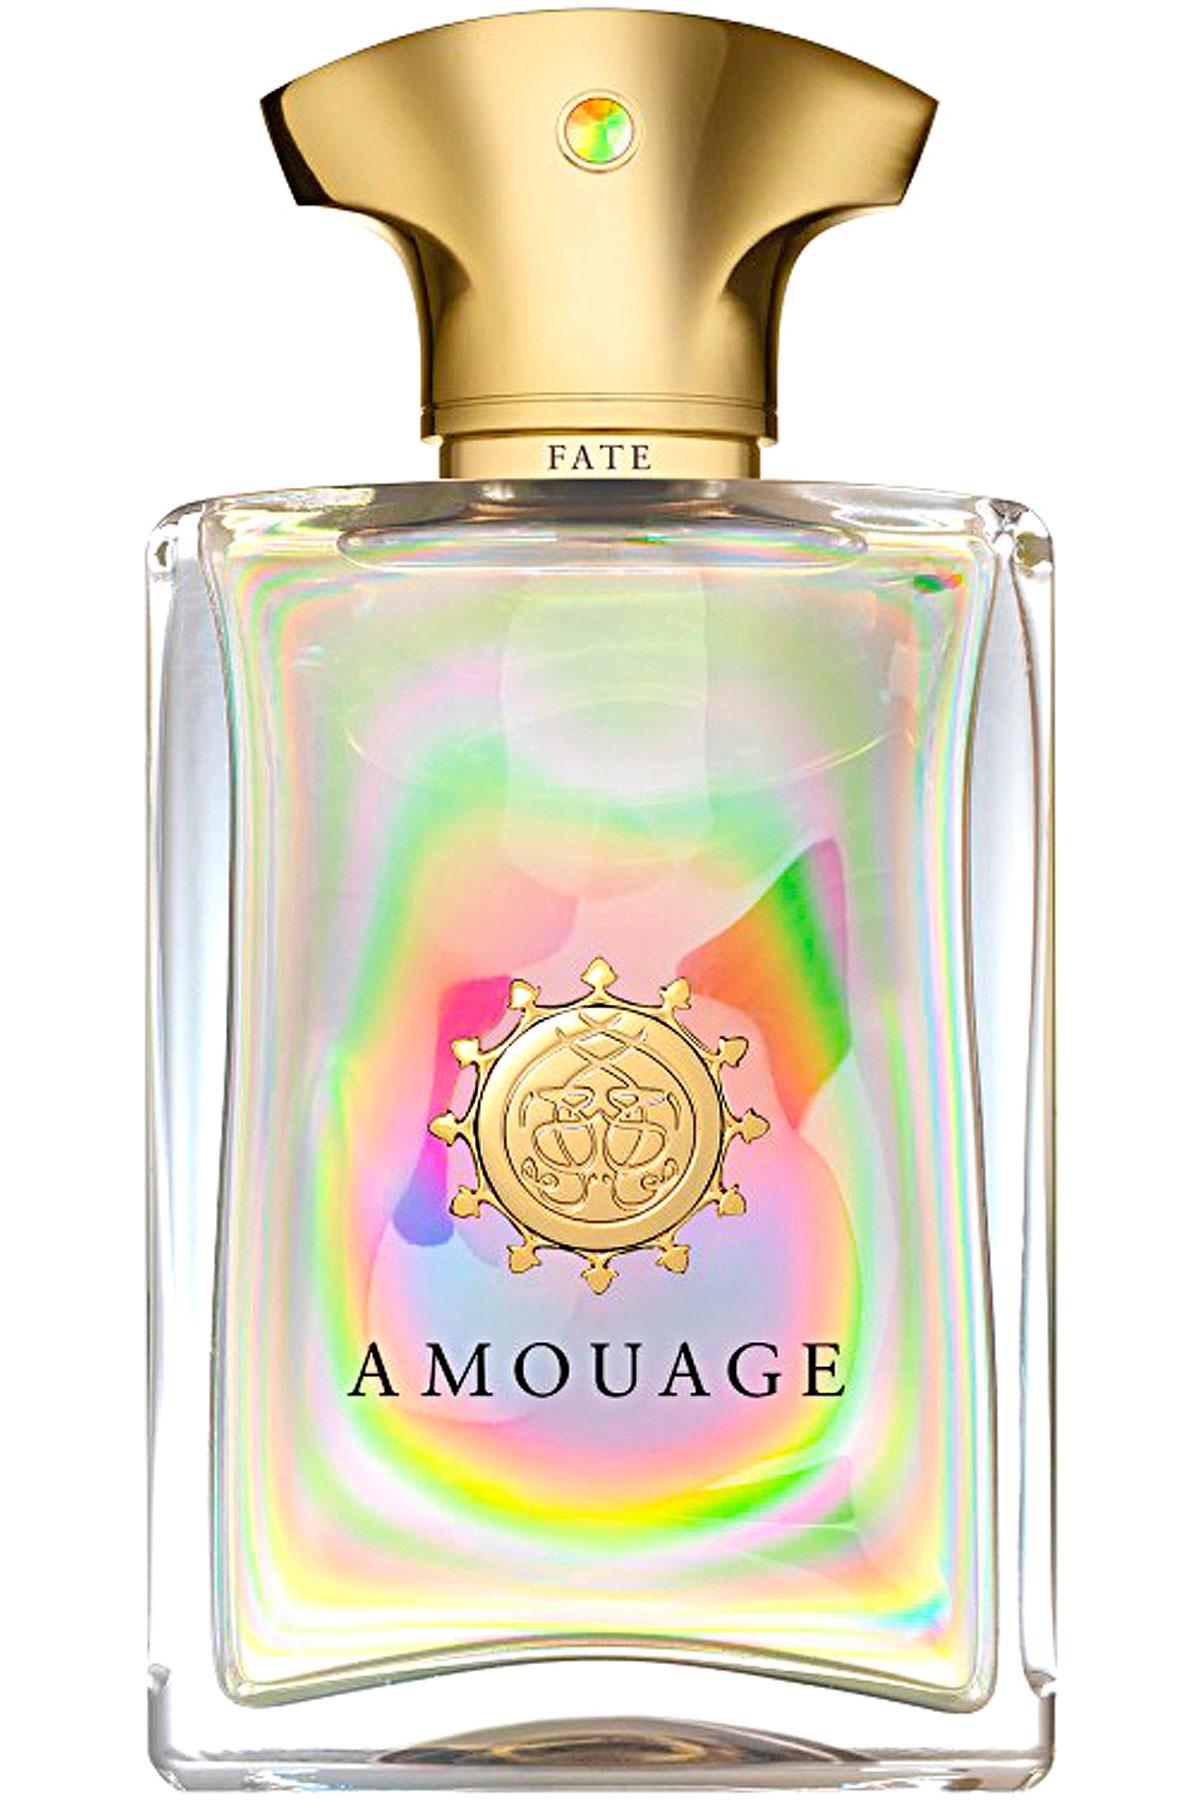 Amouage Fragrances for Men, Fate For Man - Eau De Parfum - 50 Ml, 2019, 50 ml